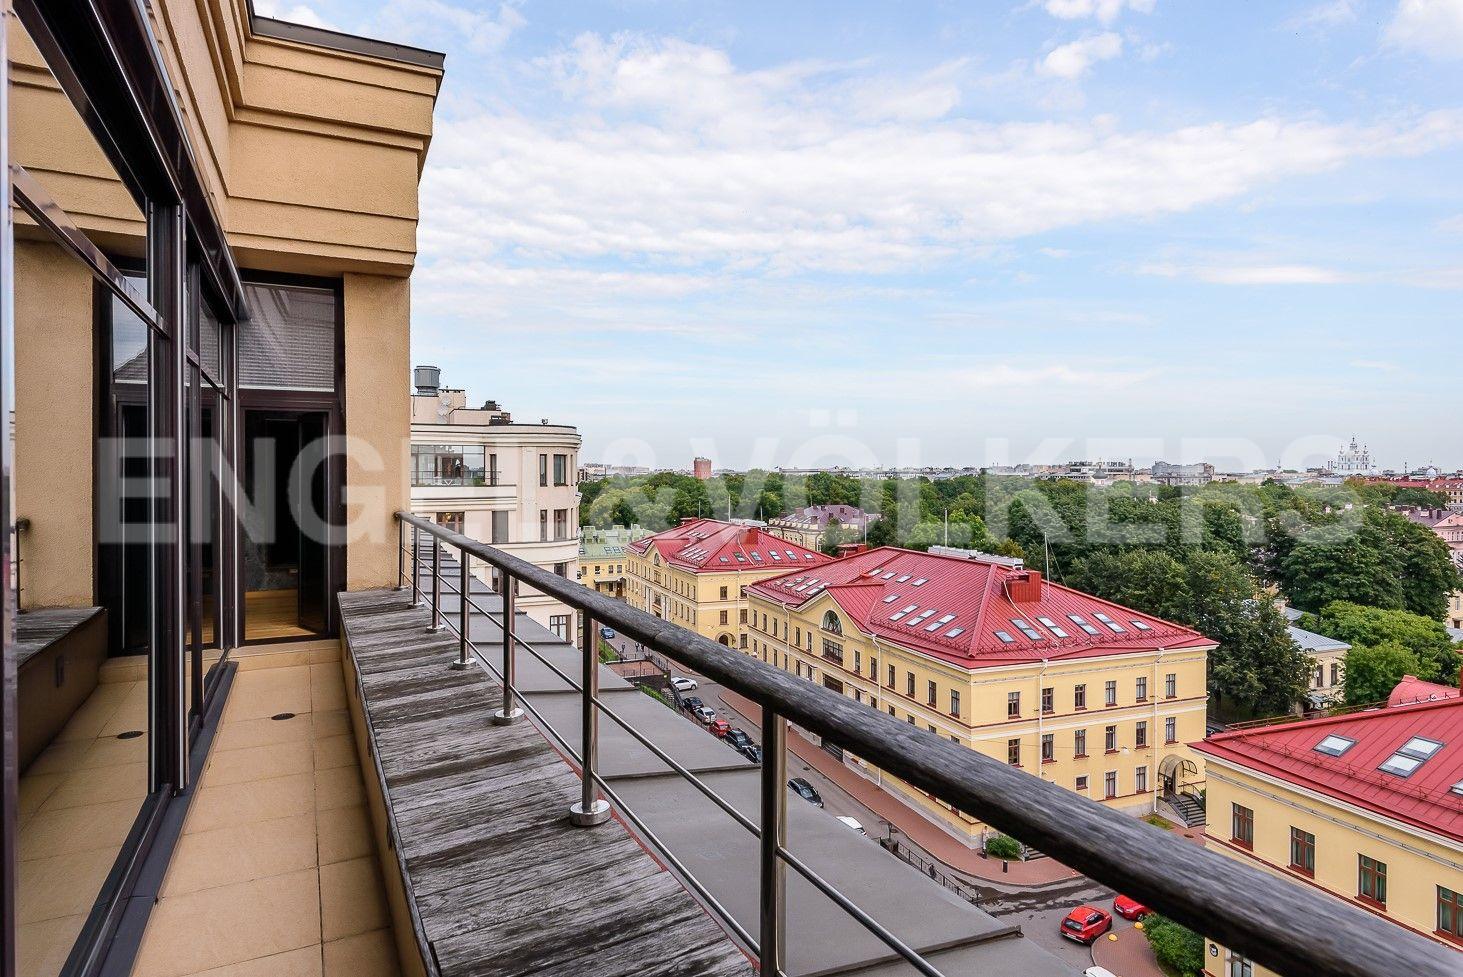 Элитные квартиры в Центральном районе. Санкт-Петербург, Парадная ул., д. 3, к. 2. Терраса из гостиной